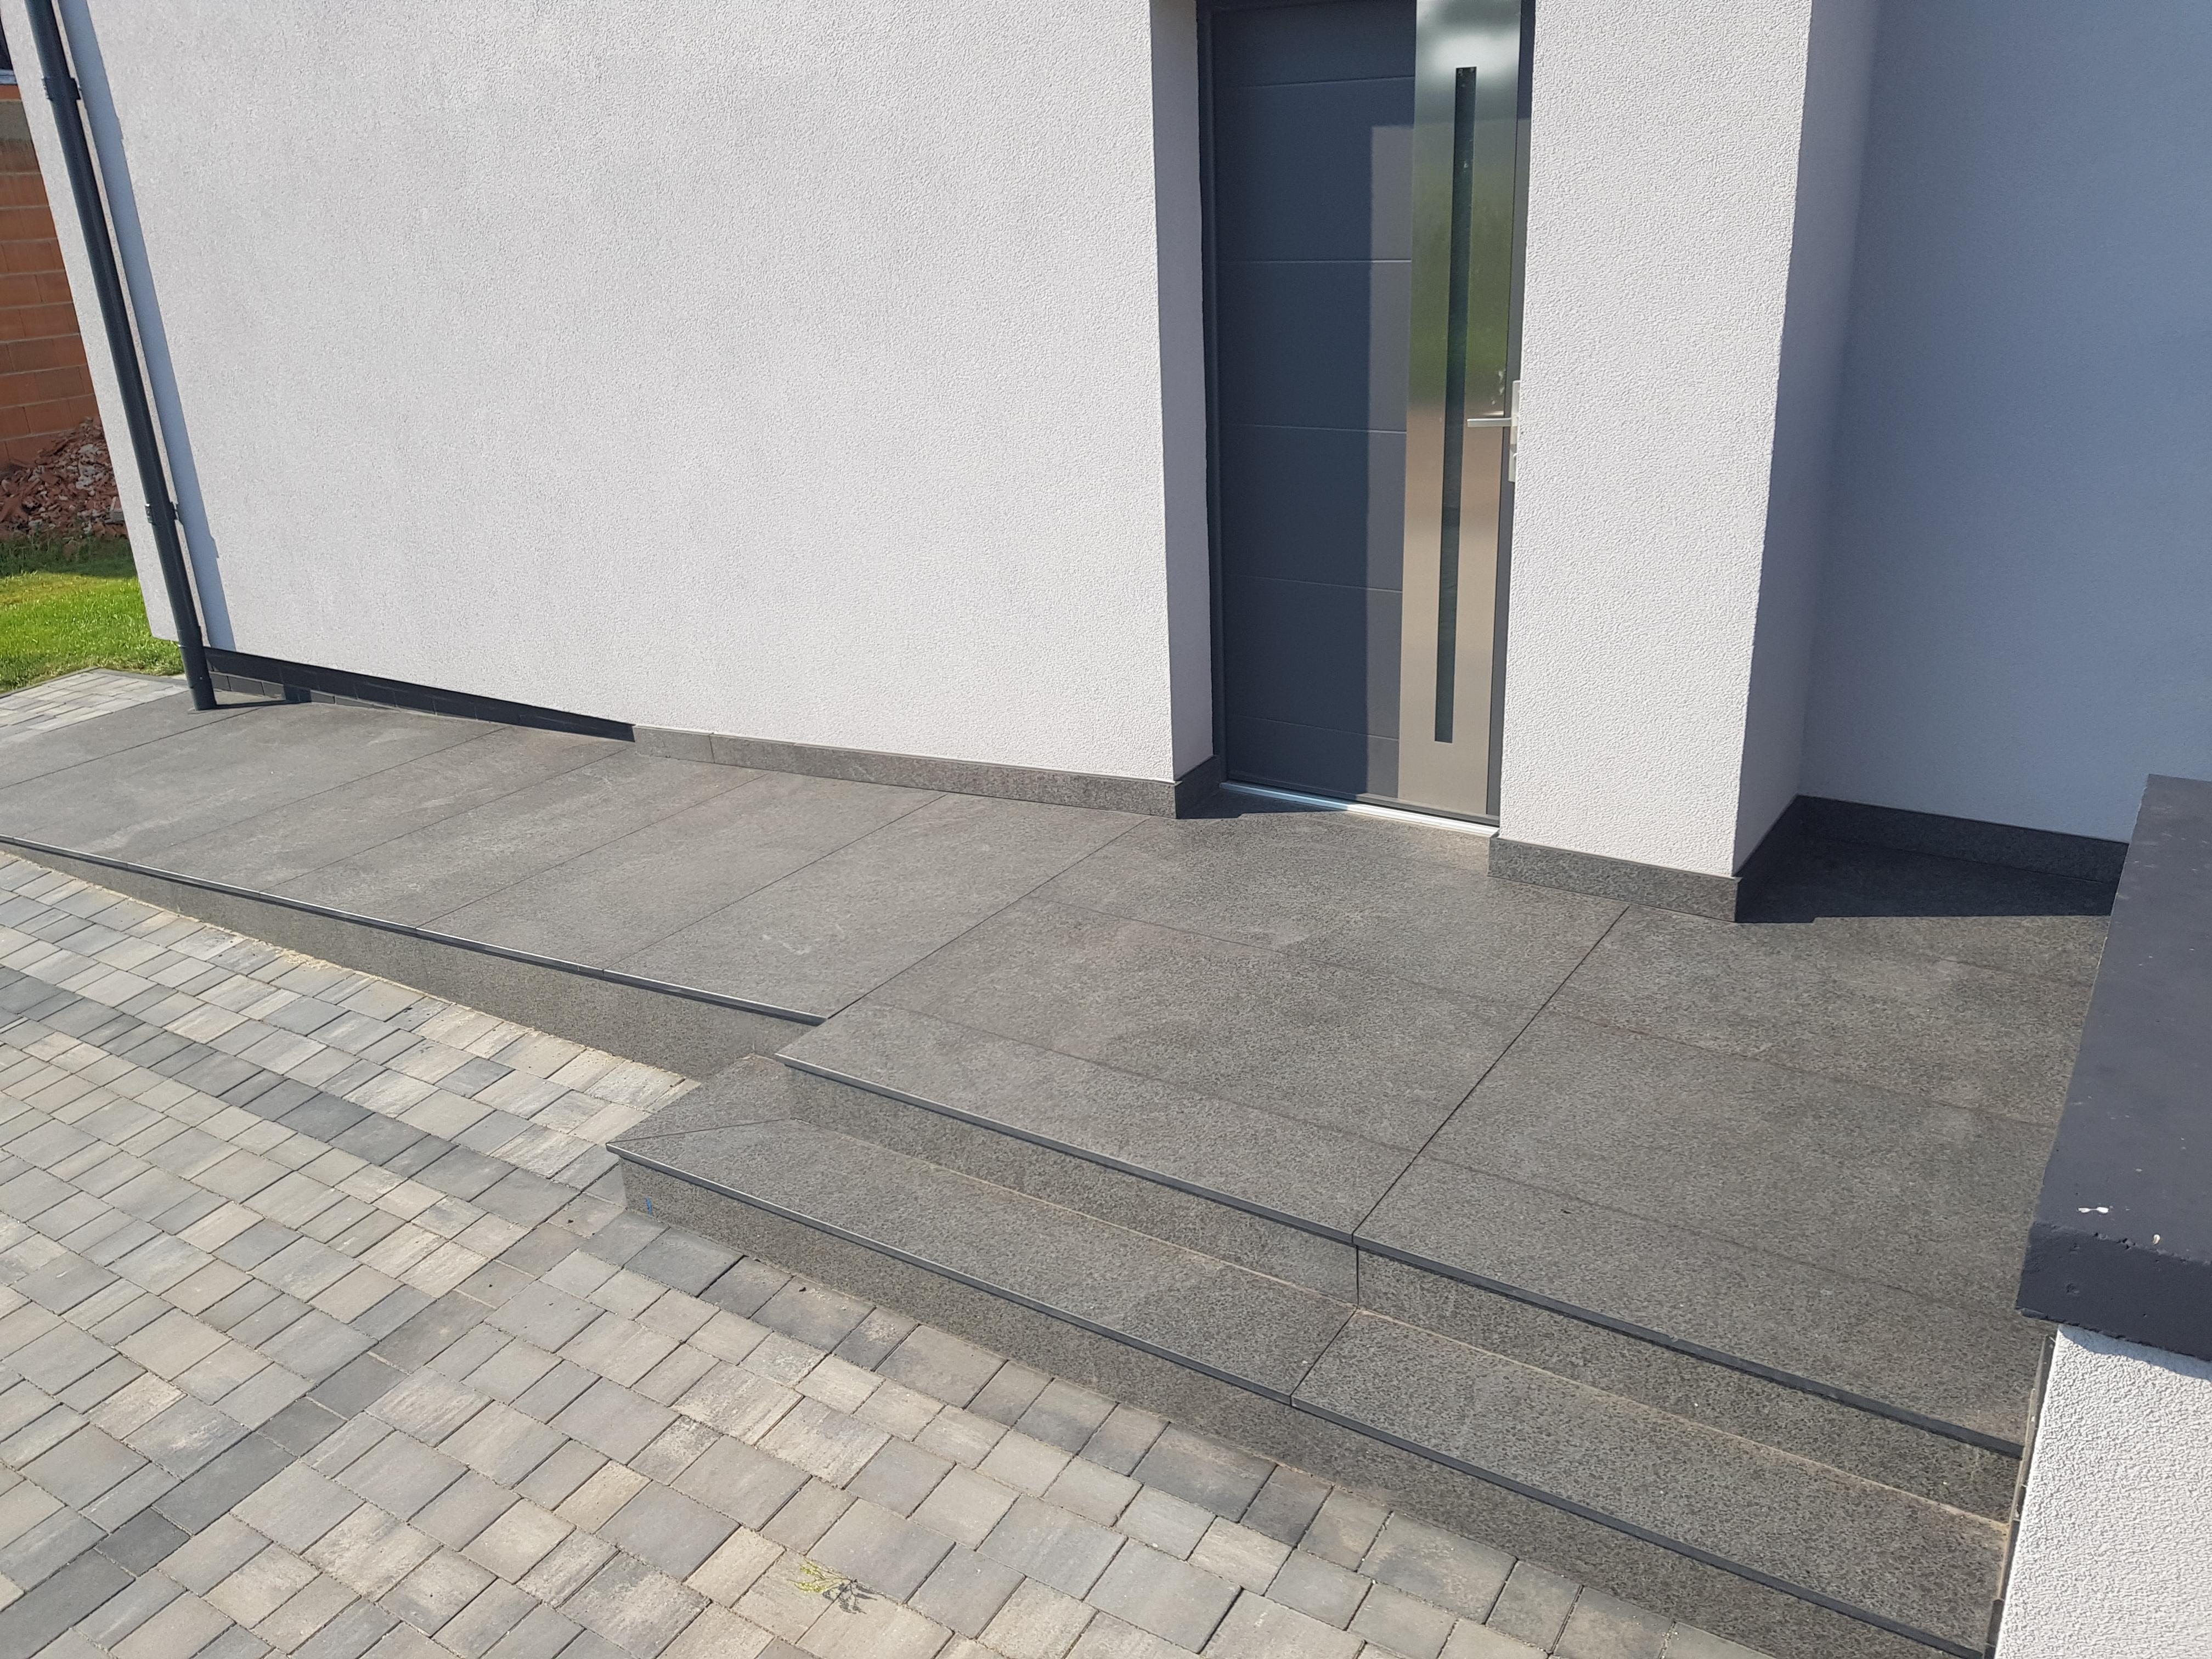 schody na zewnątrz granitowe